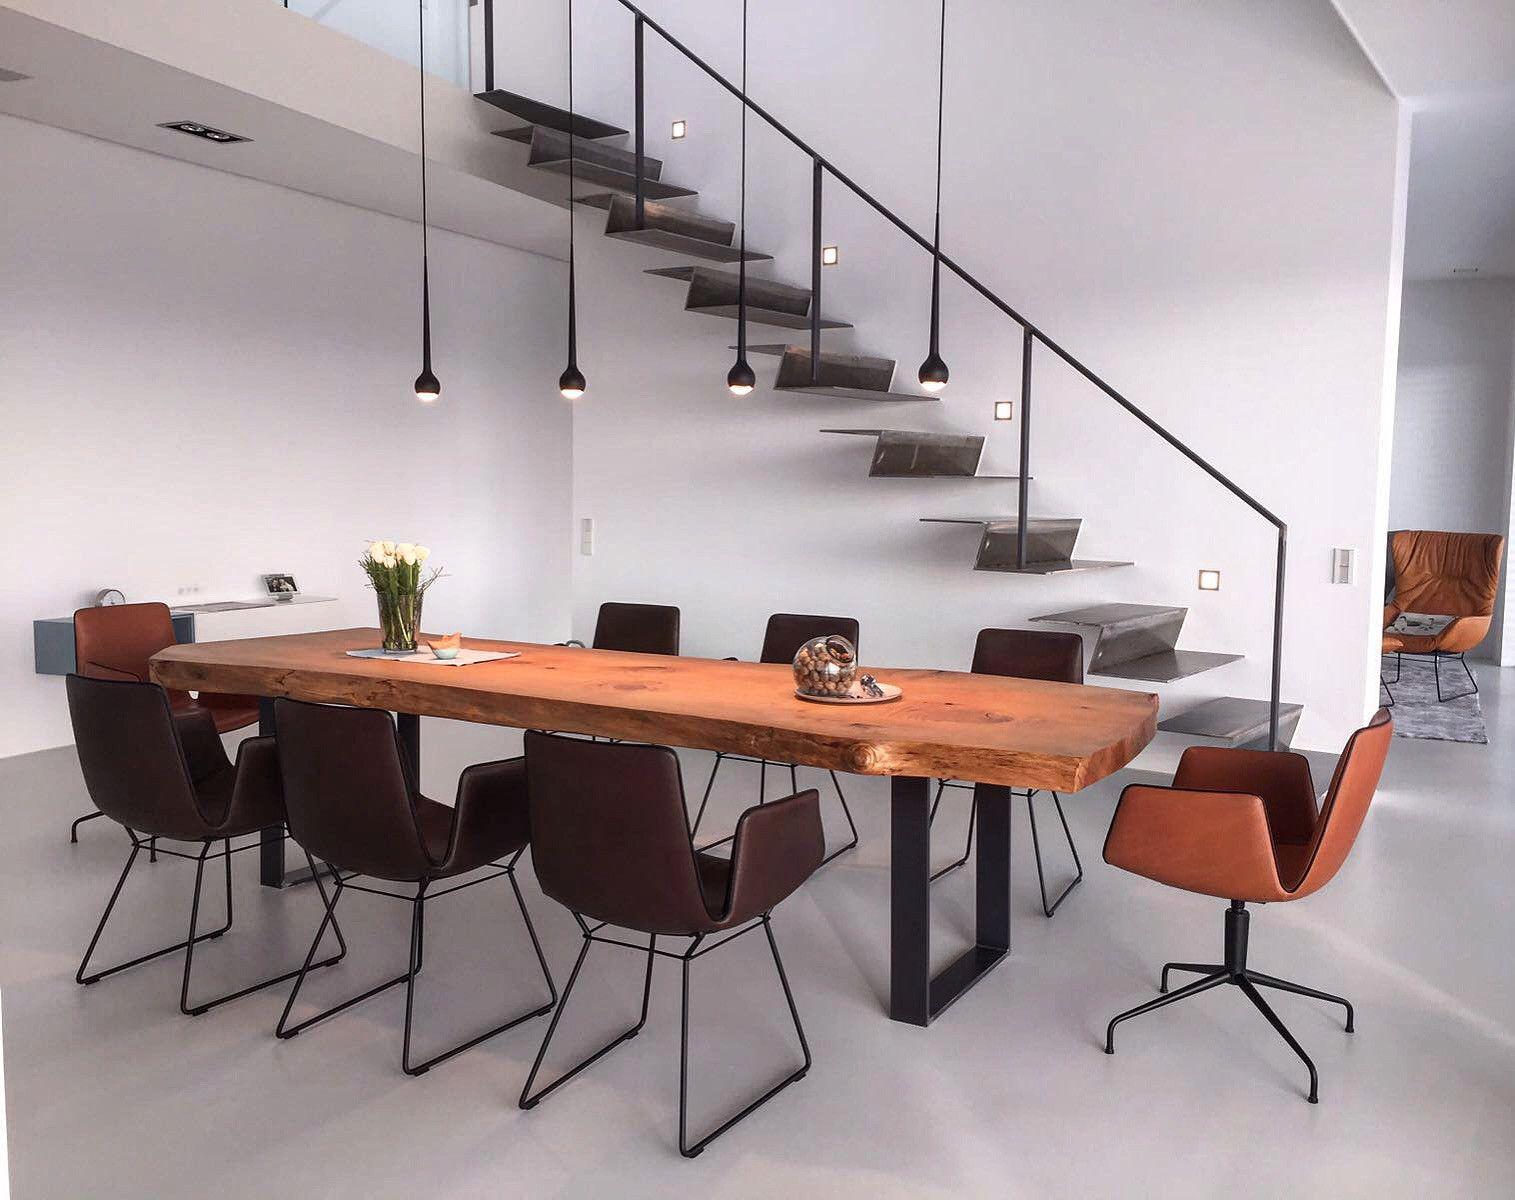 Baumtisch Aus Zedernholz Aus Dem Ganzen Stamm Geschnitten Massivholztisch Design Tisch Esszimmertisch